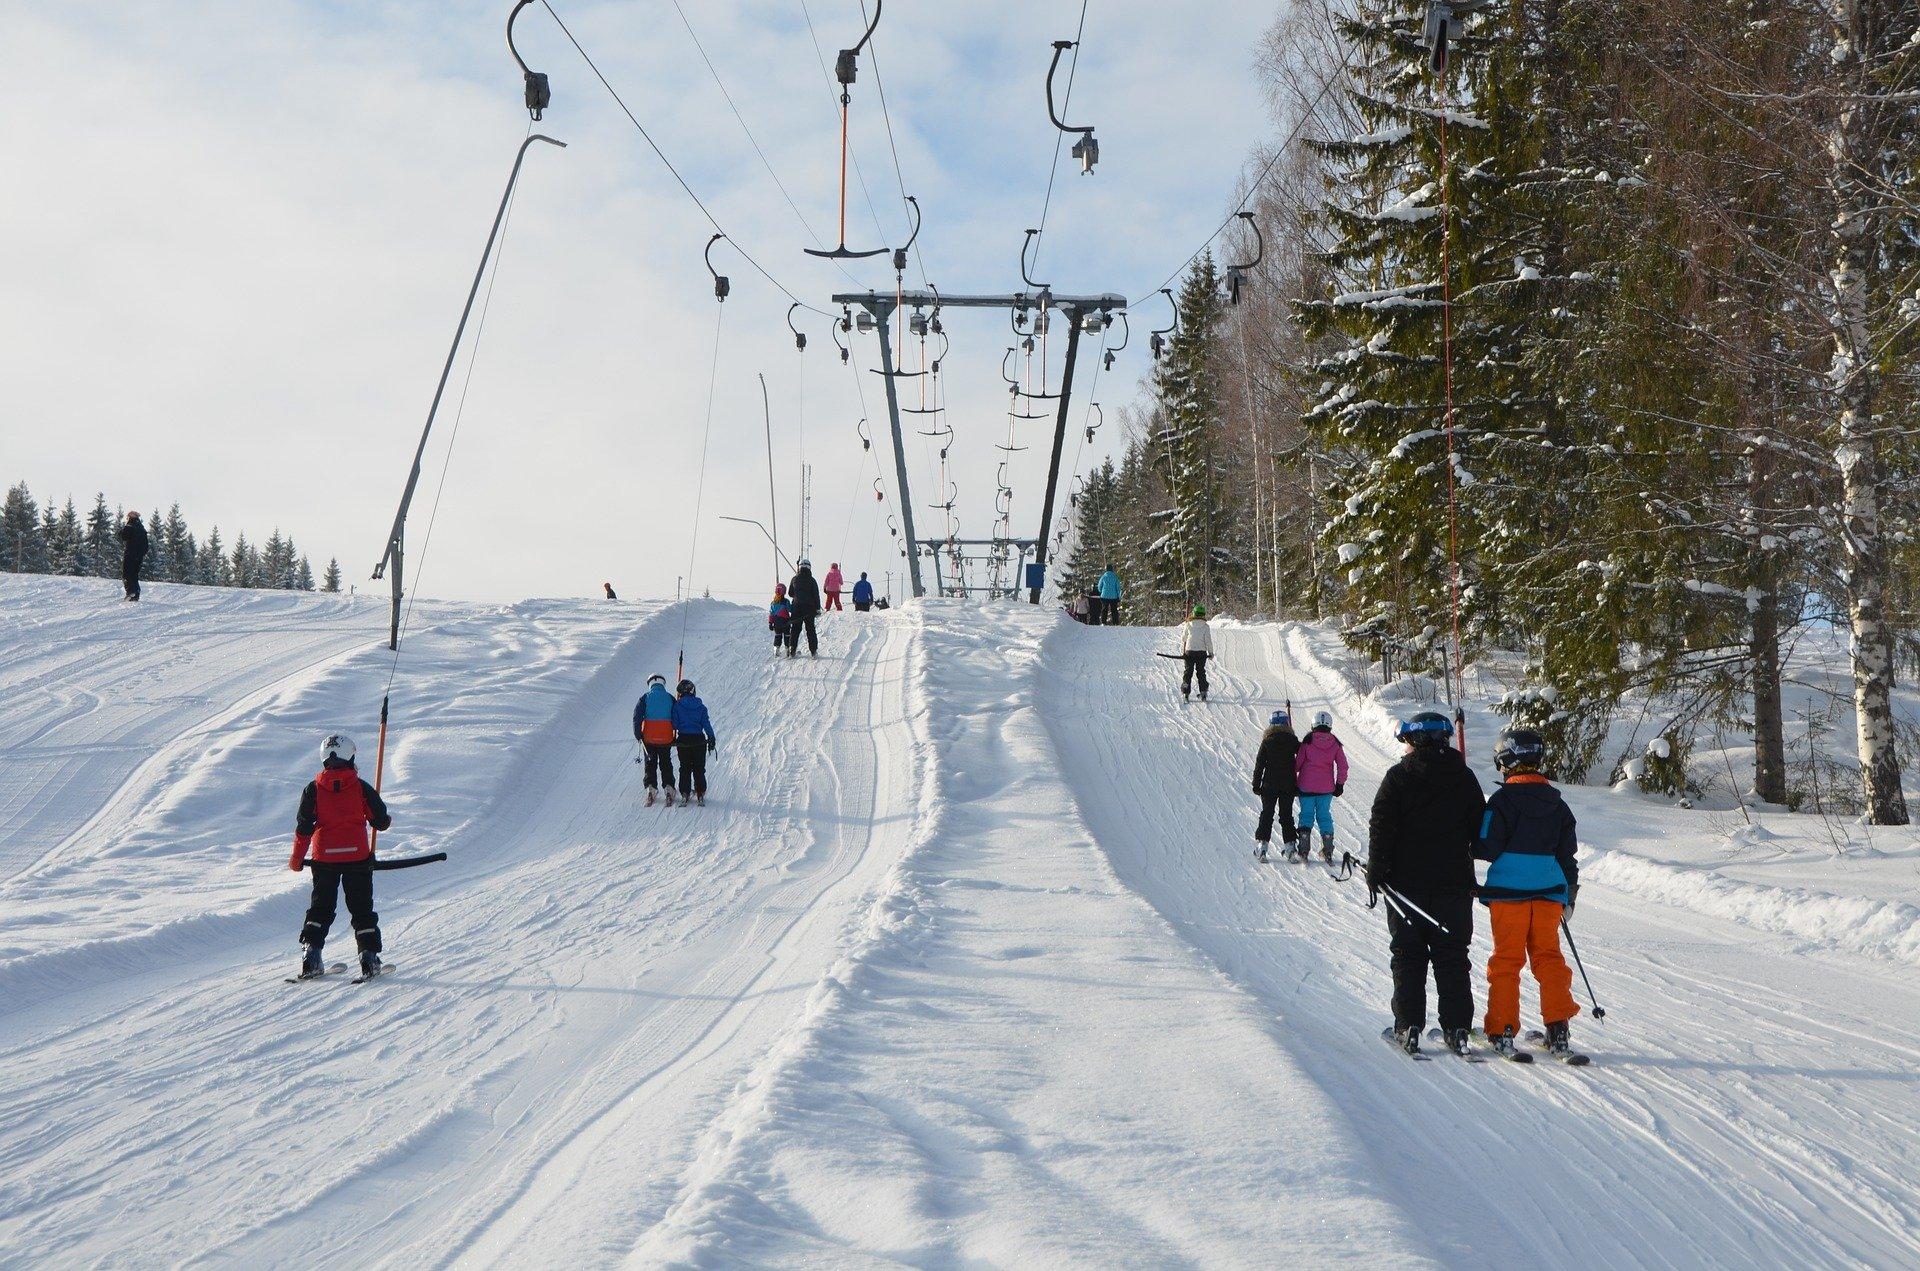 sono aperte le piste da sci a entracque